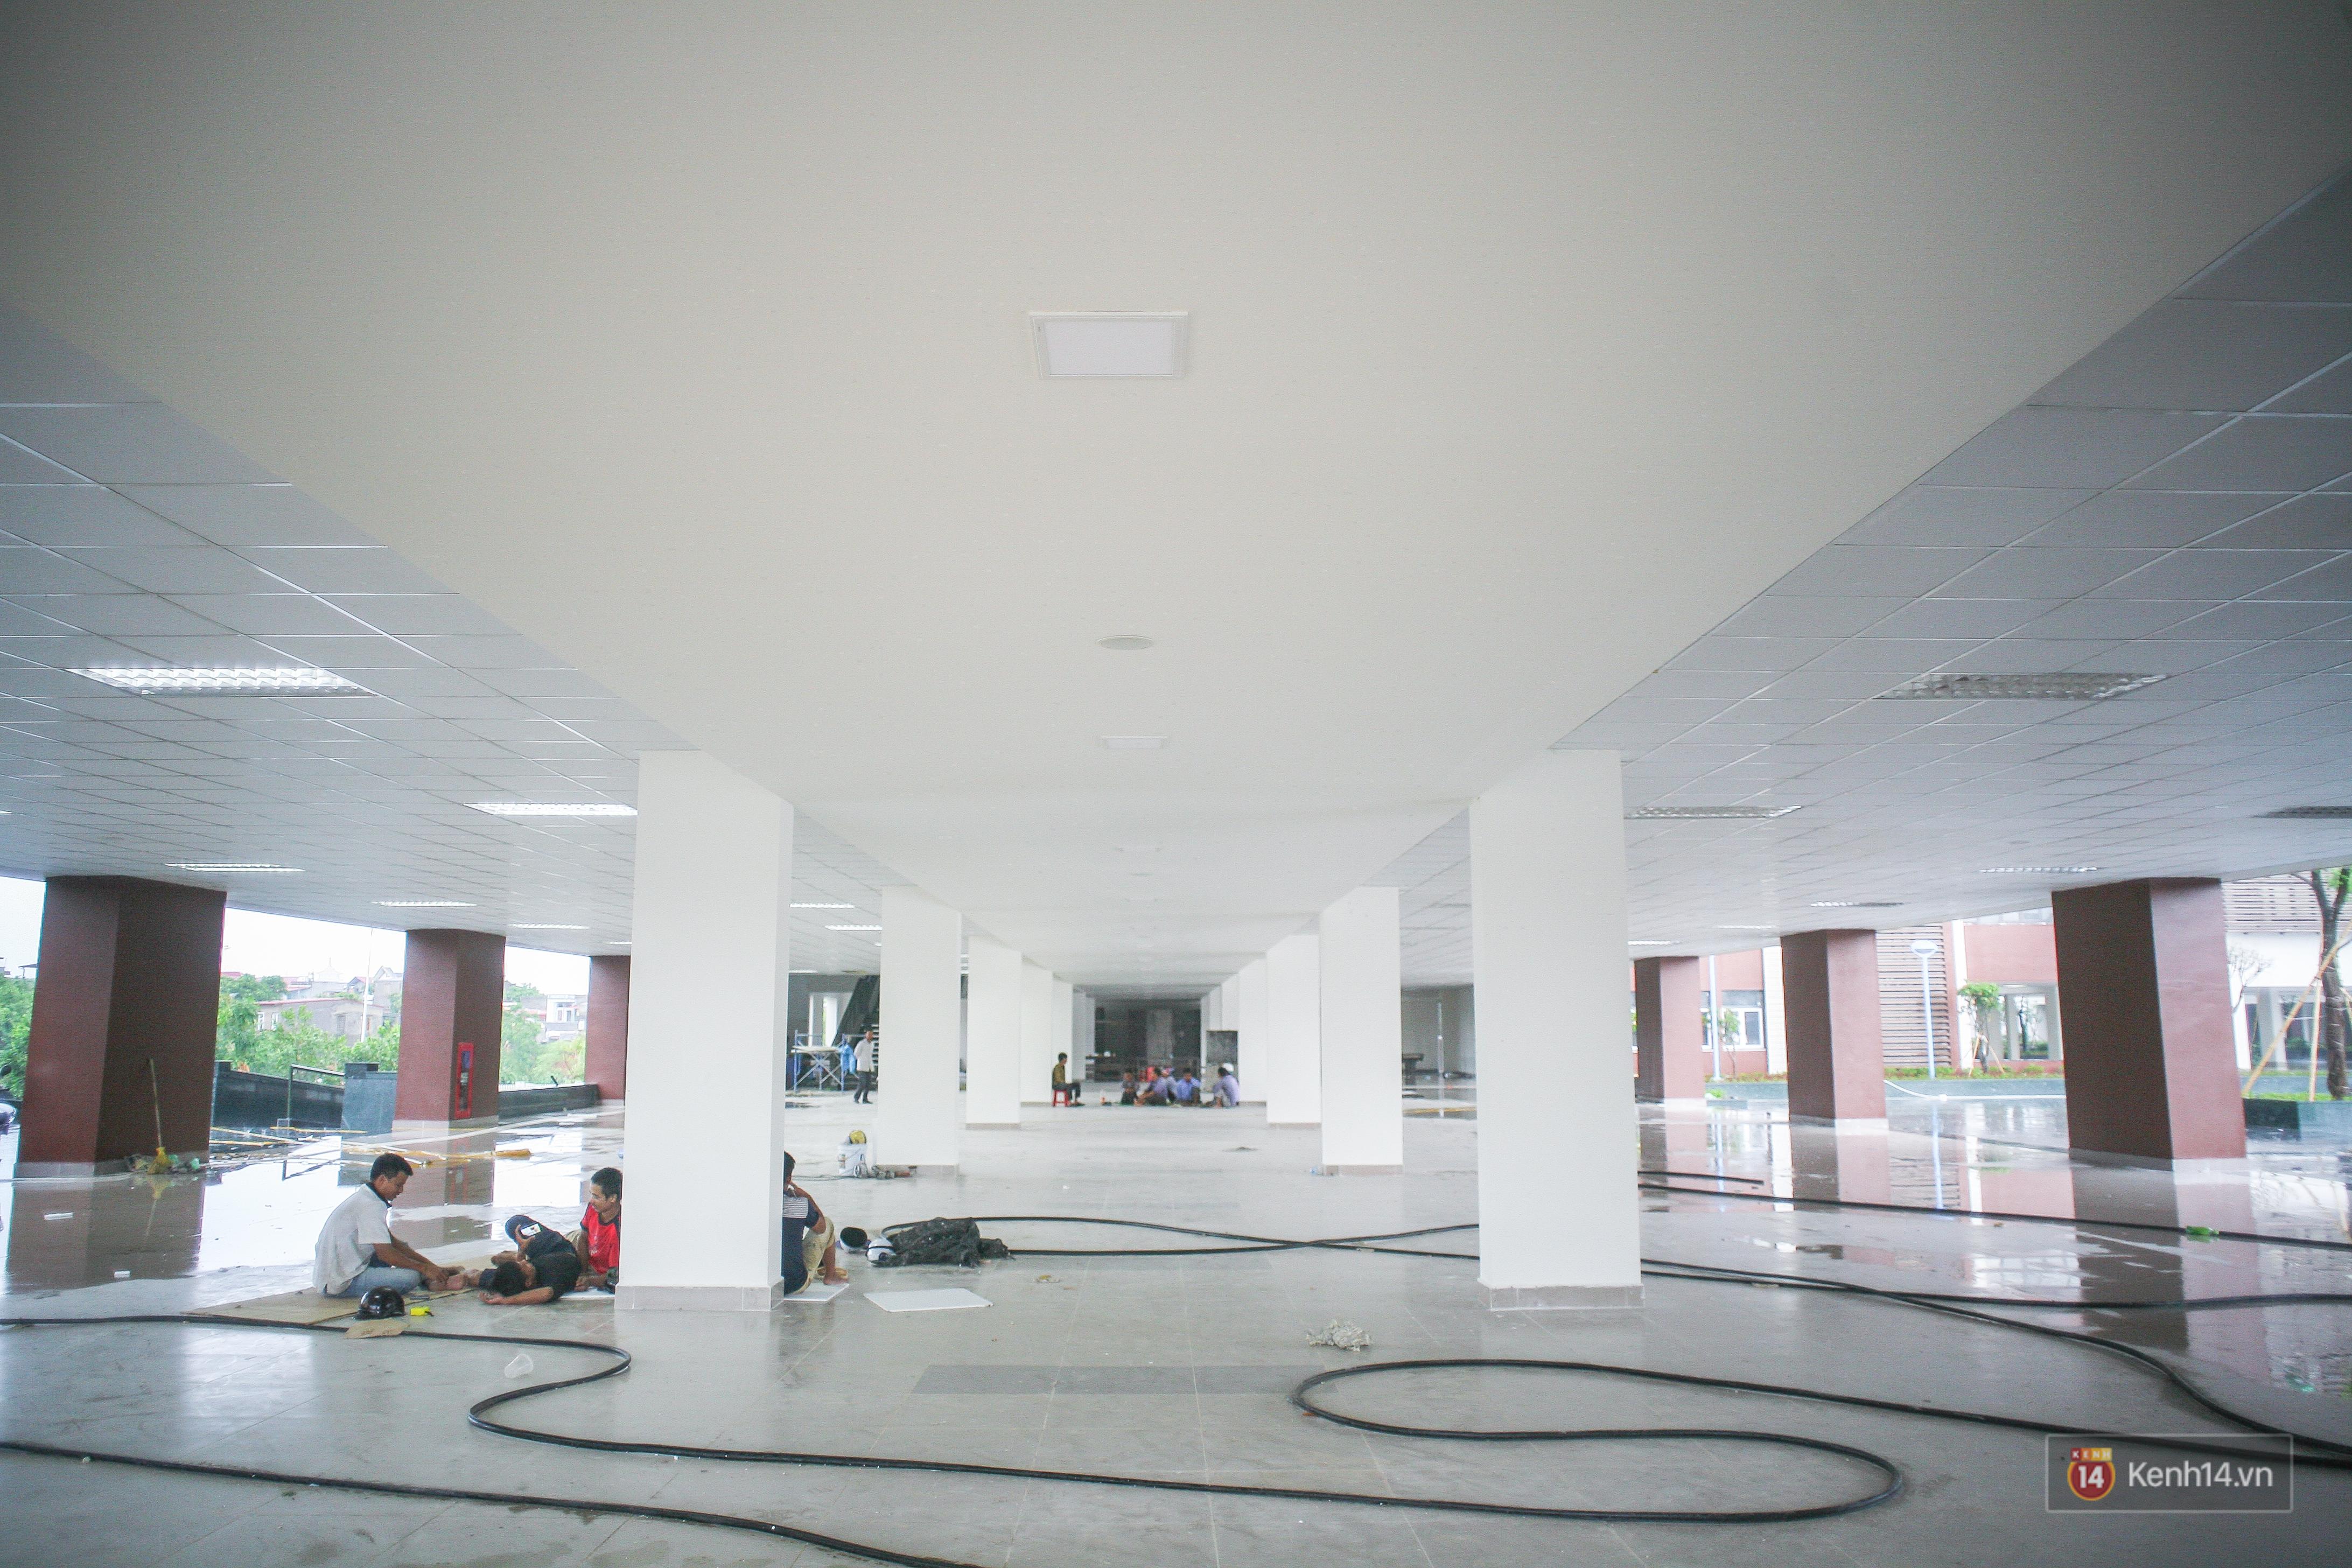 Cận cảnh ngôi trường chuyên 600 tỉ của Bắc Ninh: Đẹp, sang và Tây hết nấc! - Ảnh 14.